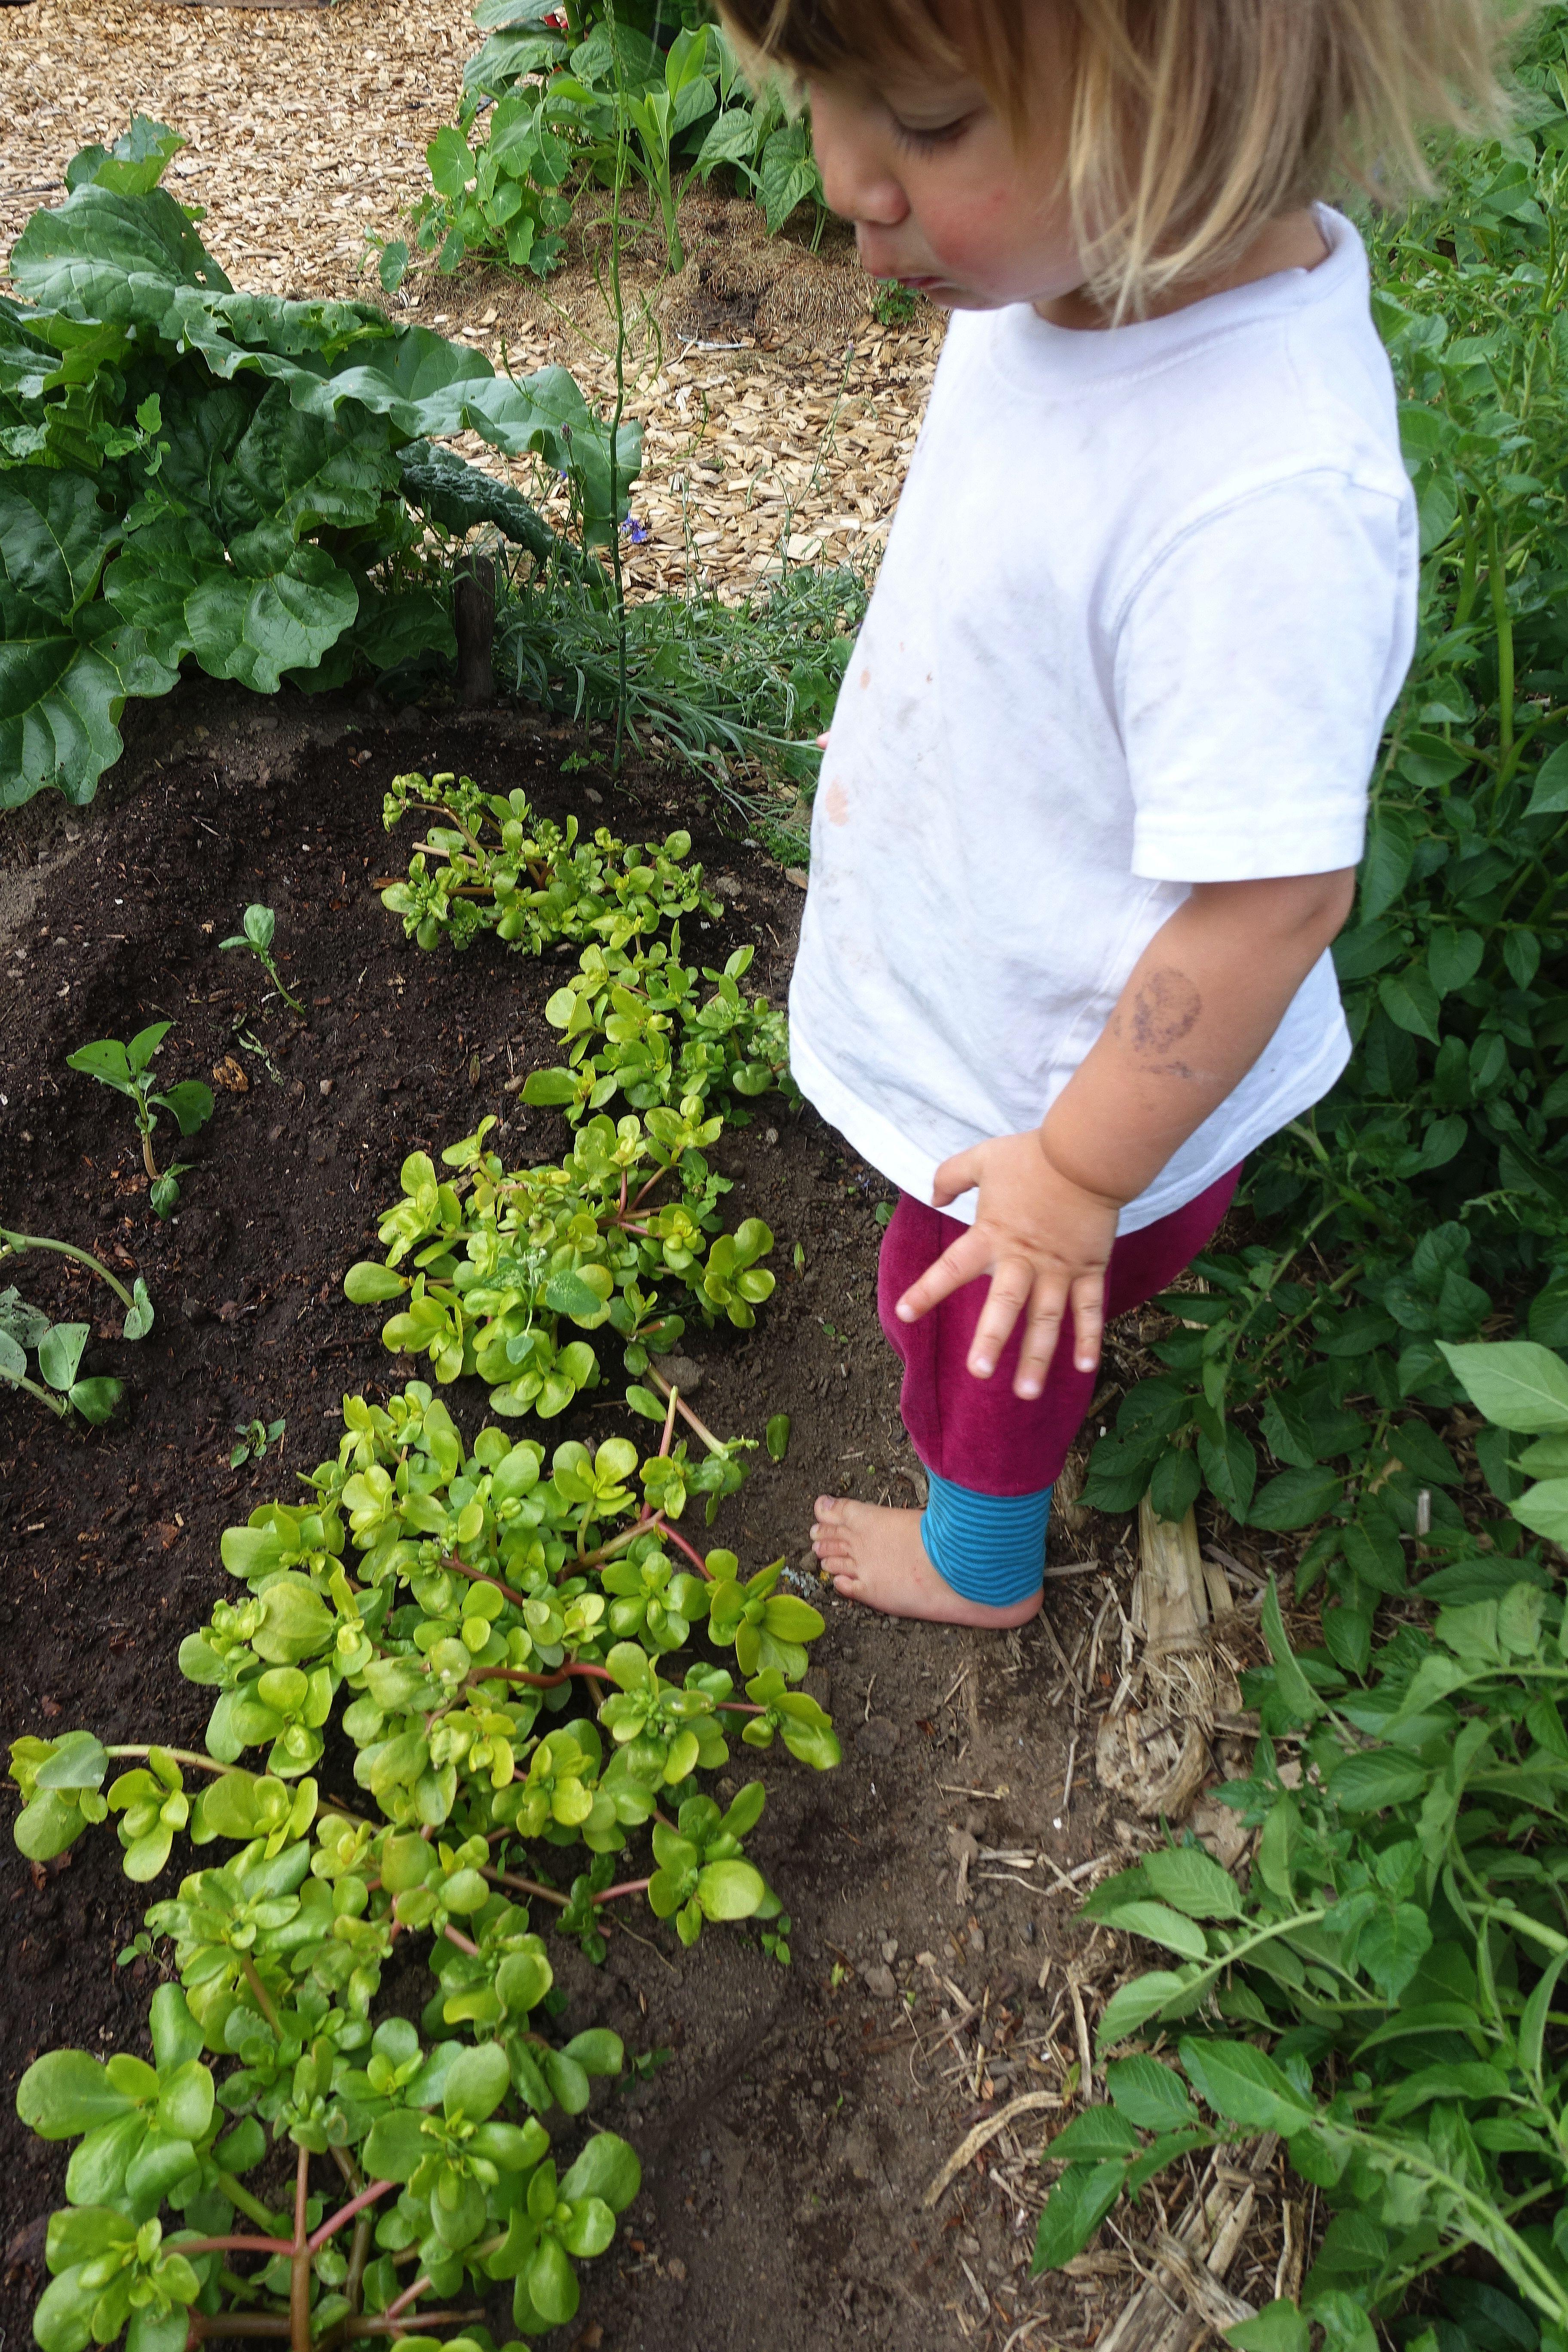 Ett barn står i trädgården och tittar på låga plantor.